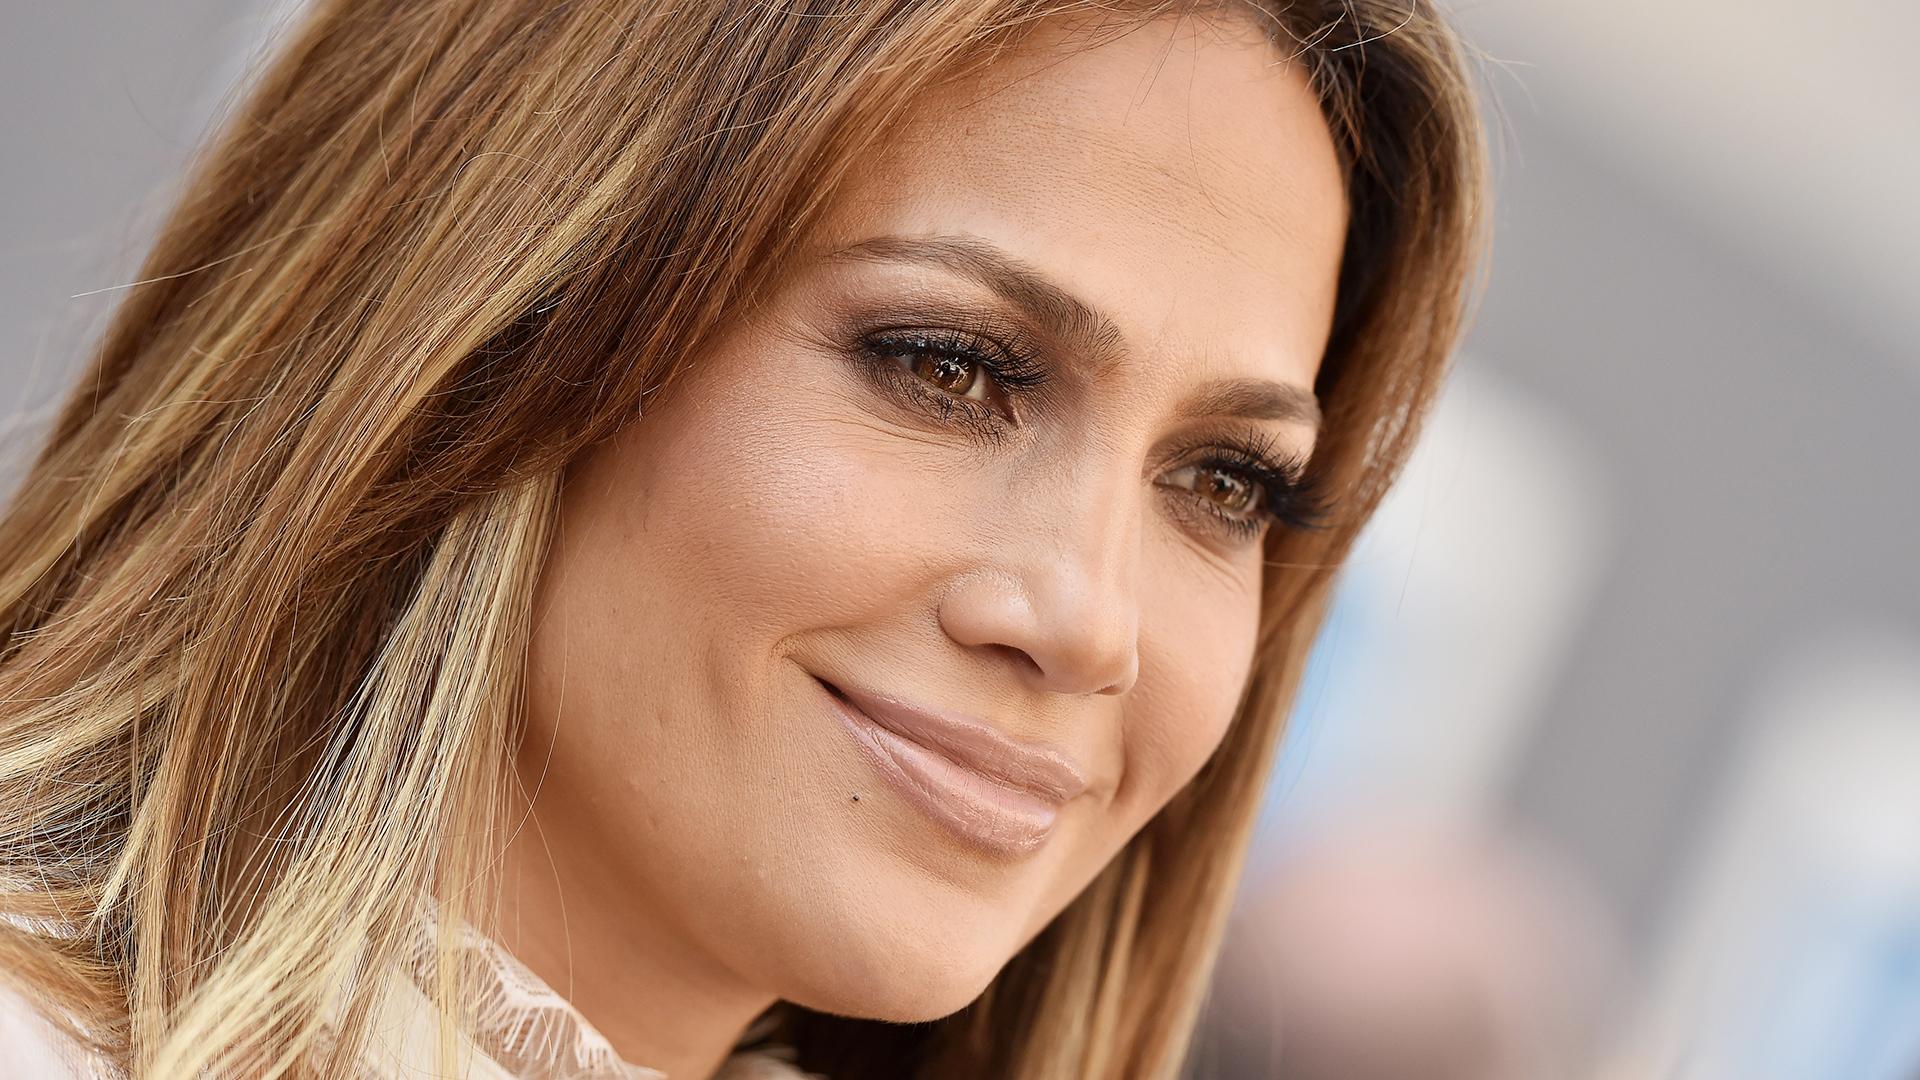 Jennifer Lopez: Jennifer Lopez Helps Launch #WorldOfDanceChallenge Ahead